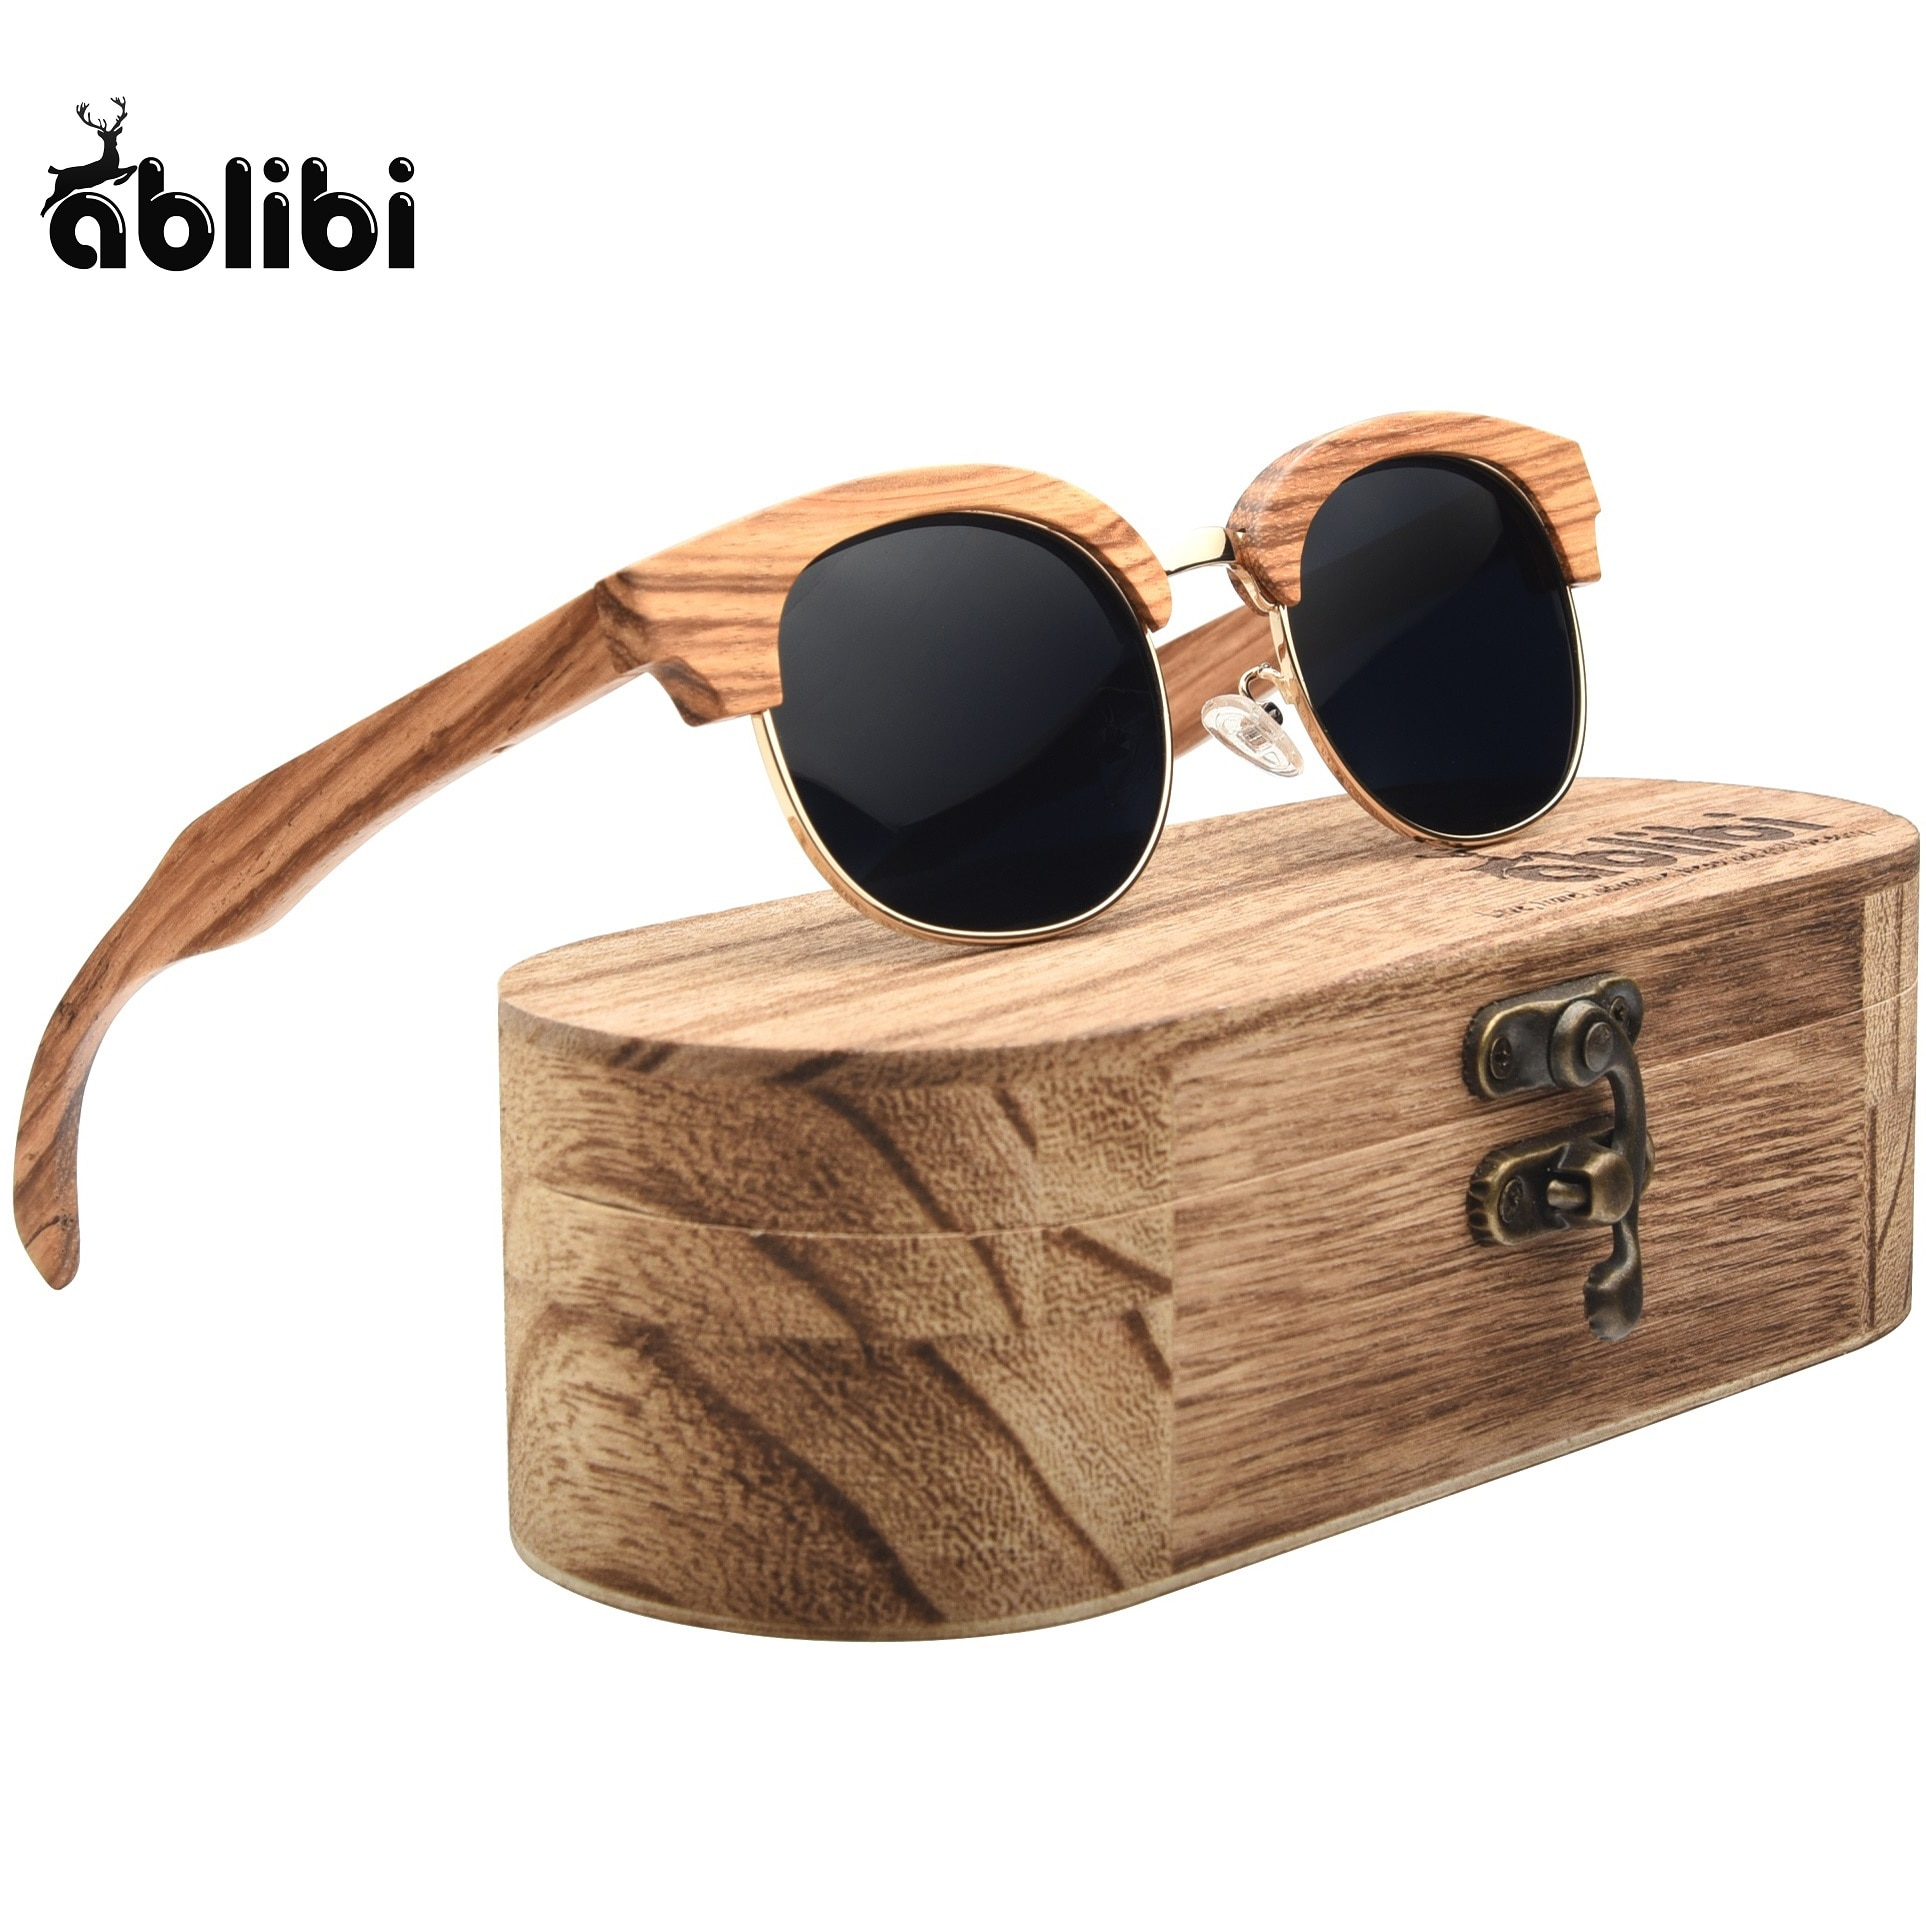 Gafas de sol de madera, gafas de sol polarizadas UV400 de madera Semi sin montura de cebra para mujeres y hombres, regalo grabado para sus amigos en el cumpleaños